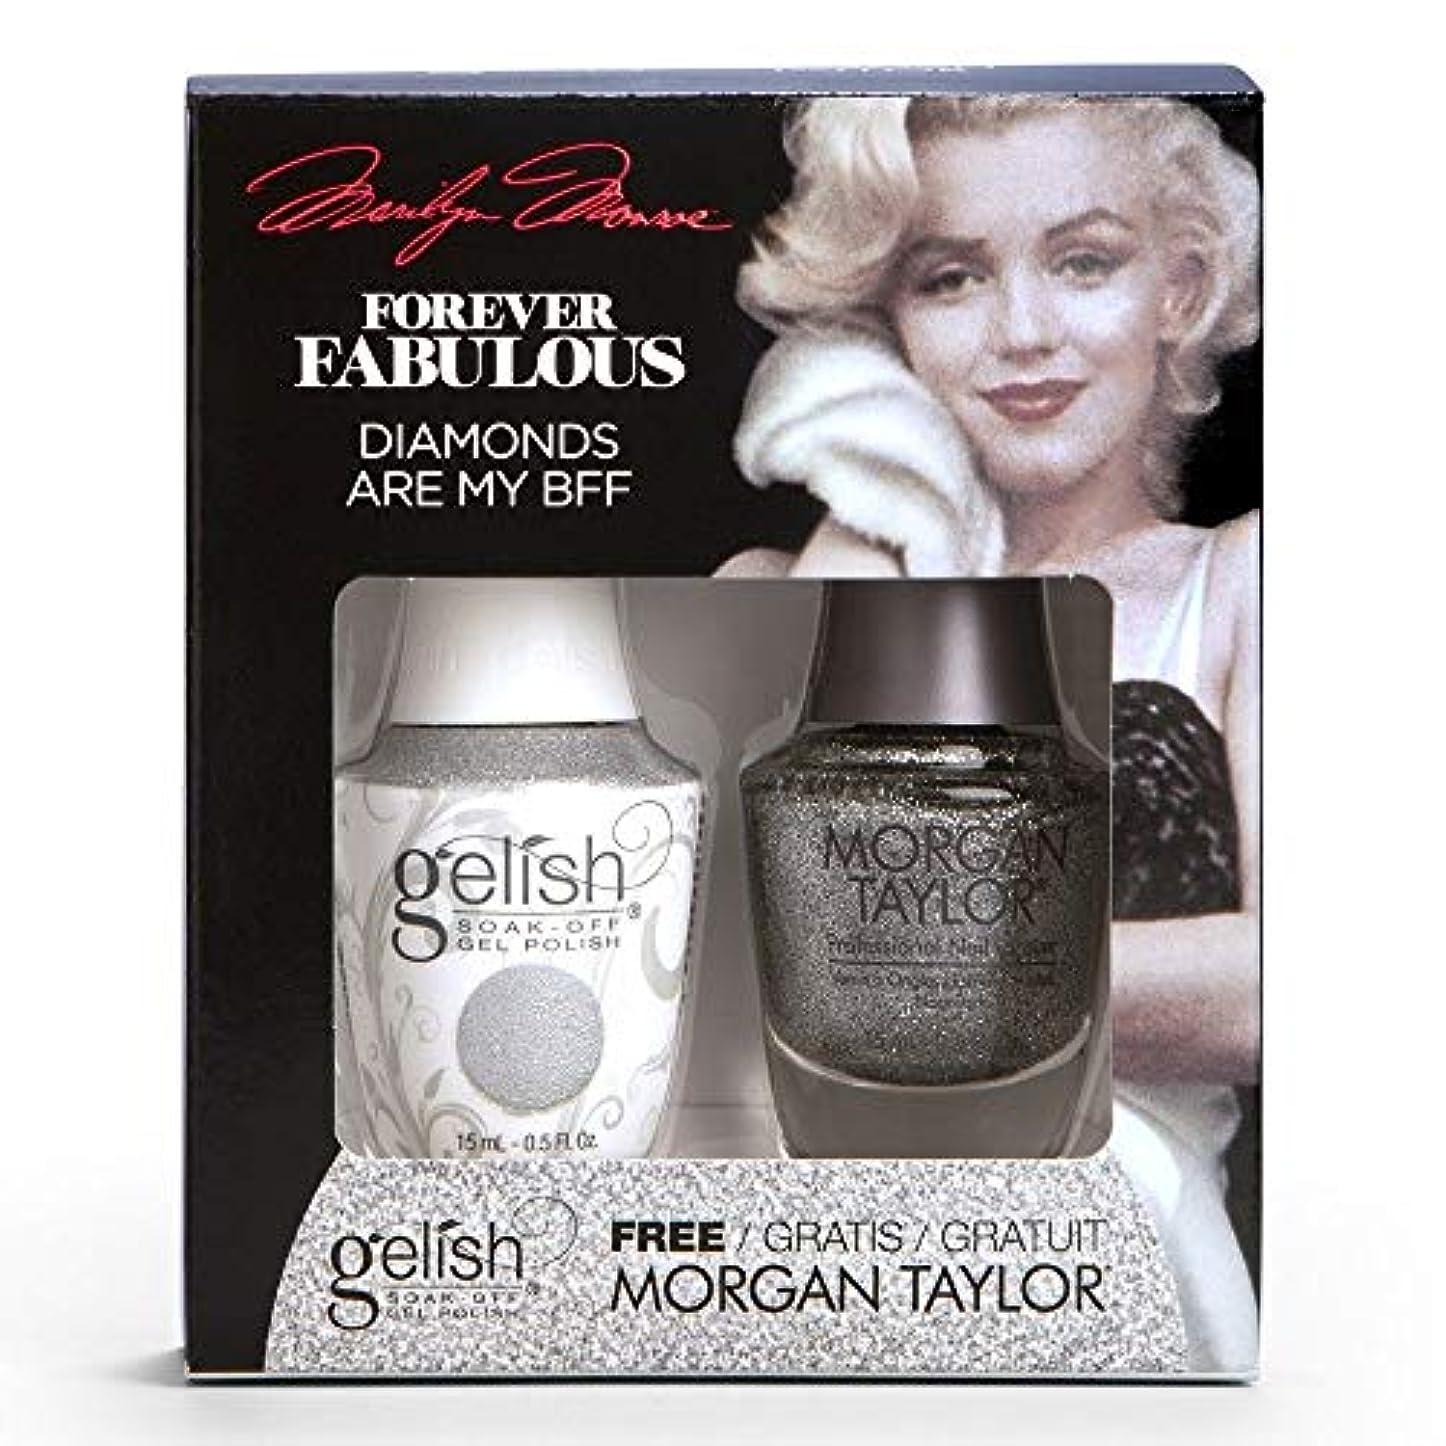 構造ヘクタール哲学的Harmony Gelish & Morgan Taylor - Two Of A Kind - Forever Fabulous Marilyn Monroe - Diamonds Are My BFF - 15 mL...